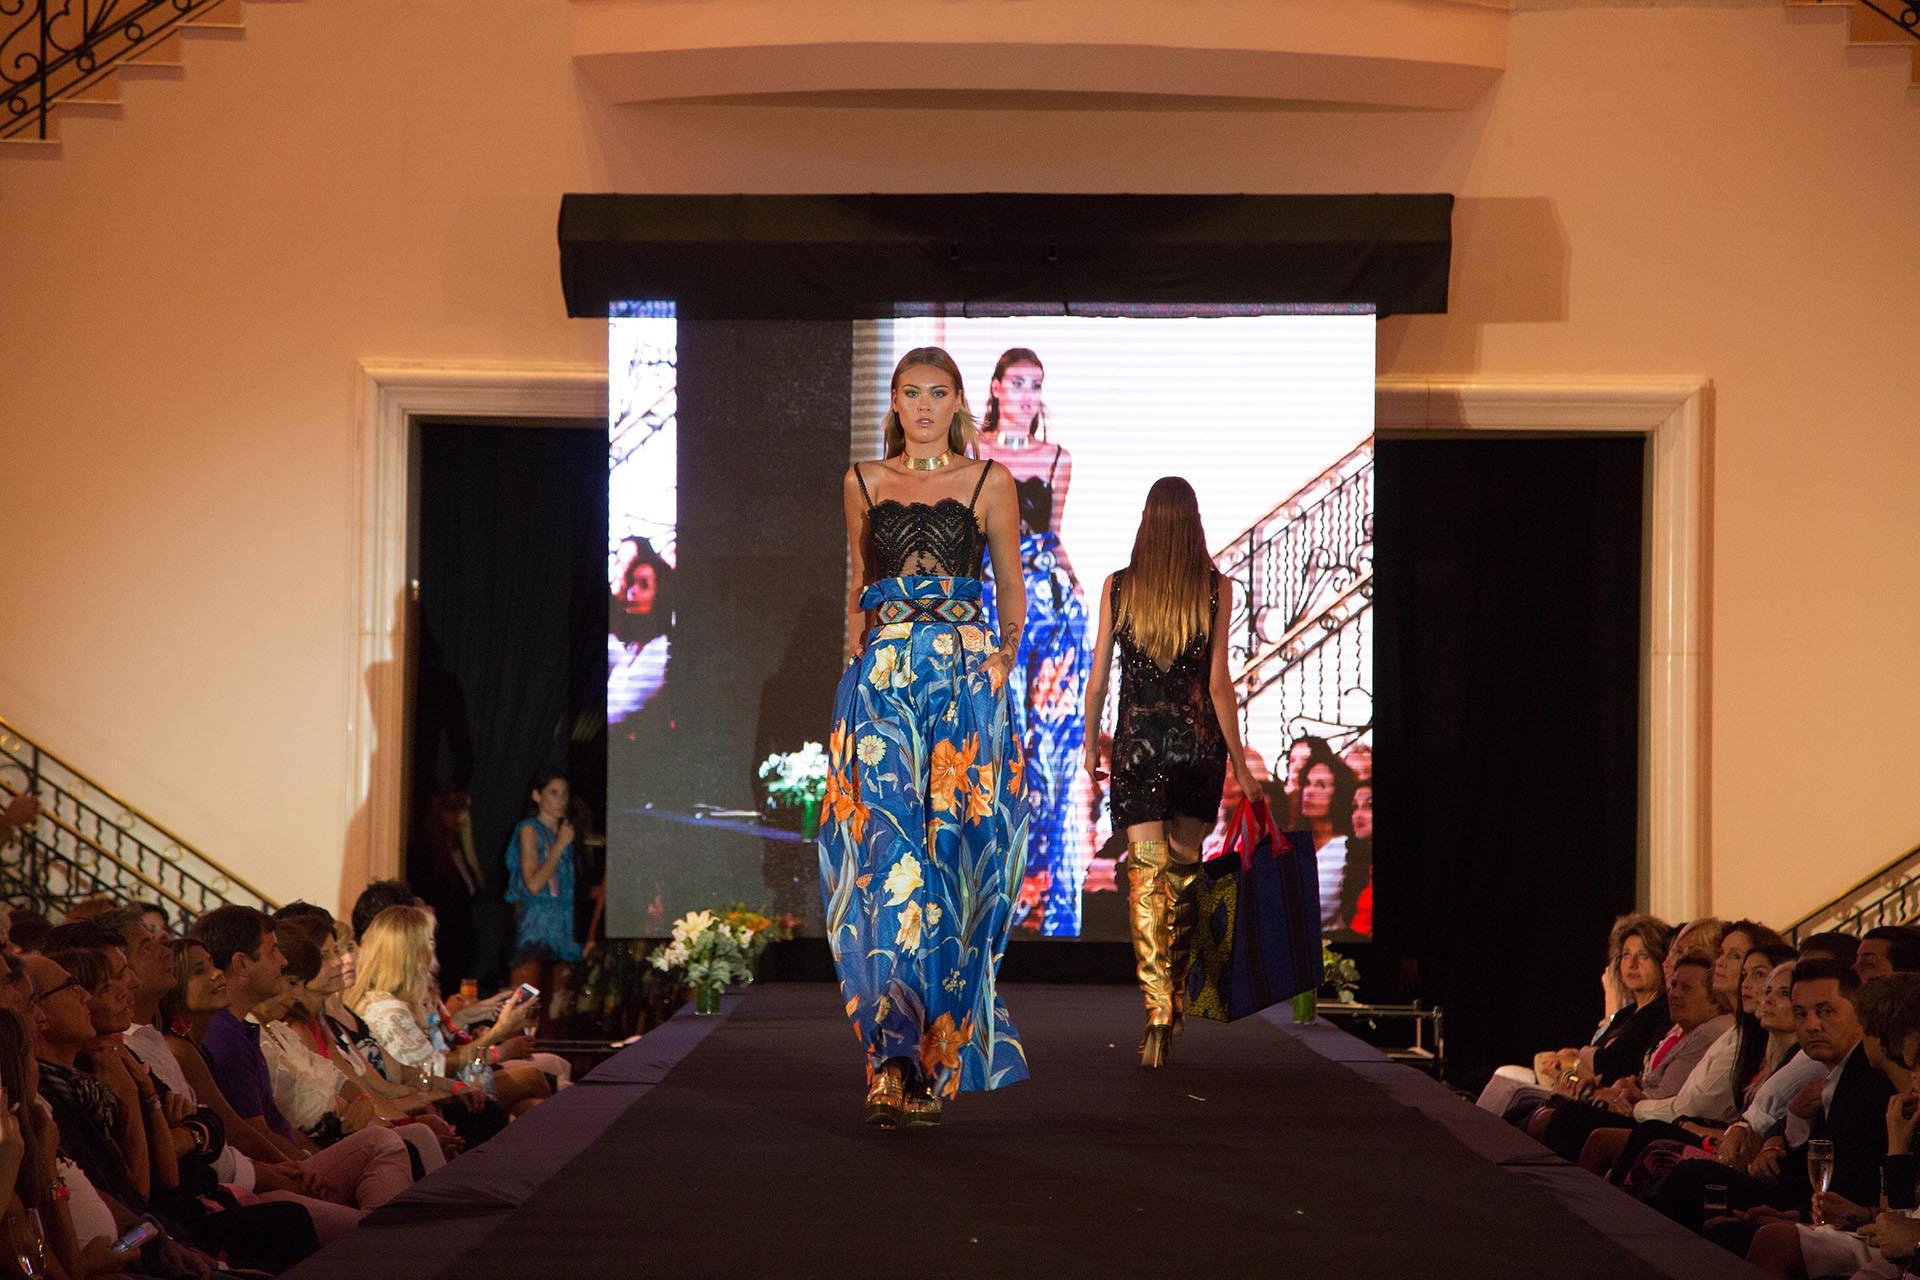 Las modelos, entre las que se encontraban algunas destacadas de la región como Katharina Kaminski, Gretel Skow y Valentina Wende, mostraron las prendas que marcaron los colores, formas y texturas del verano